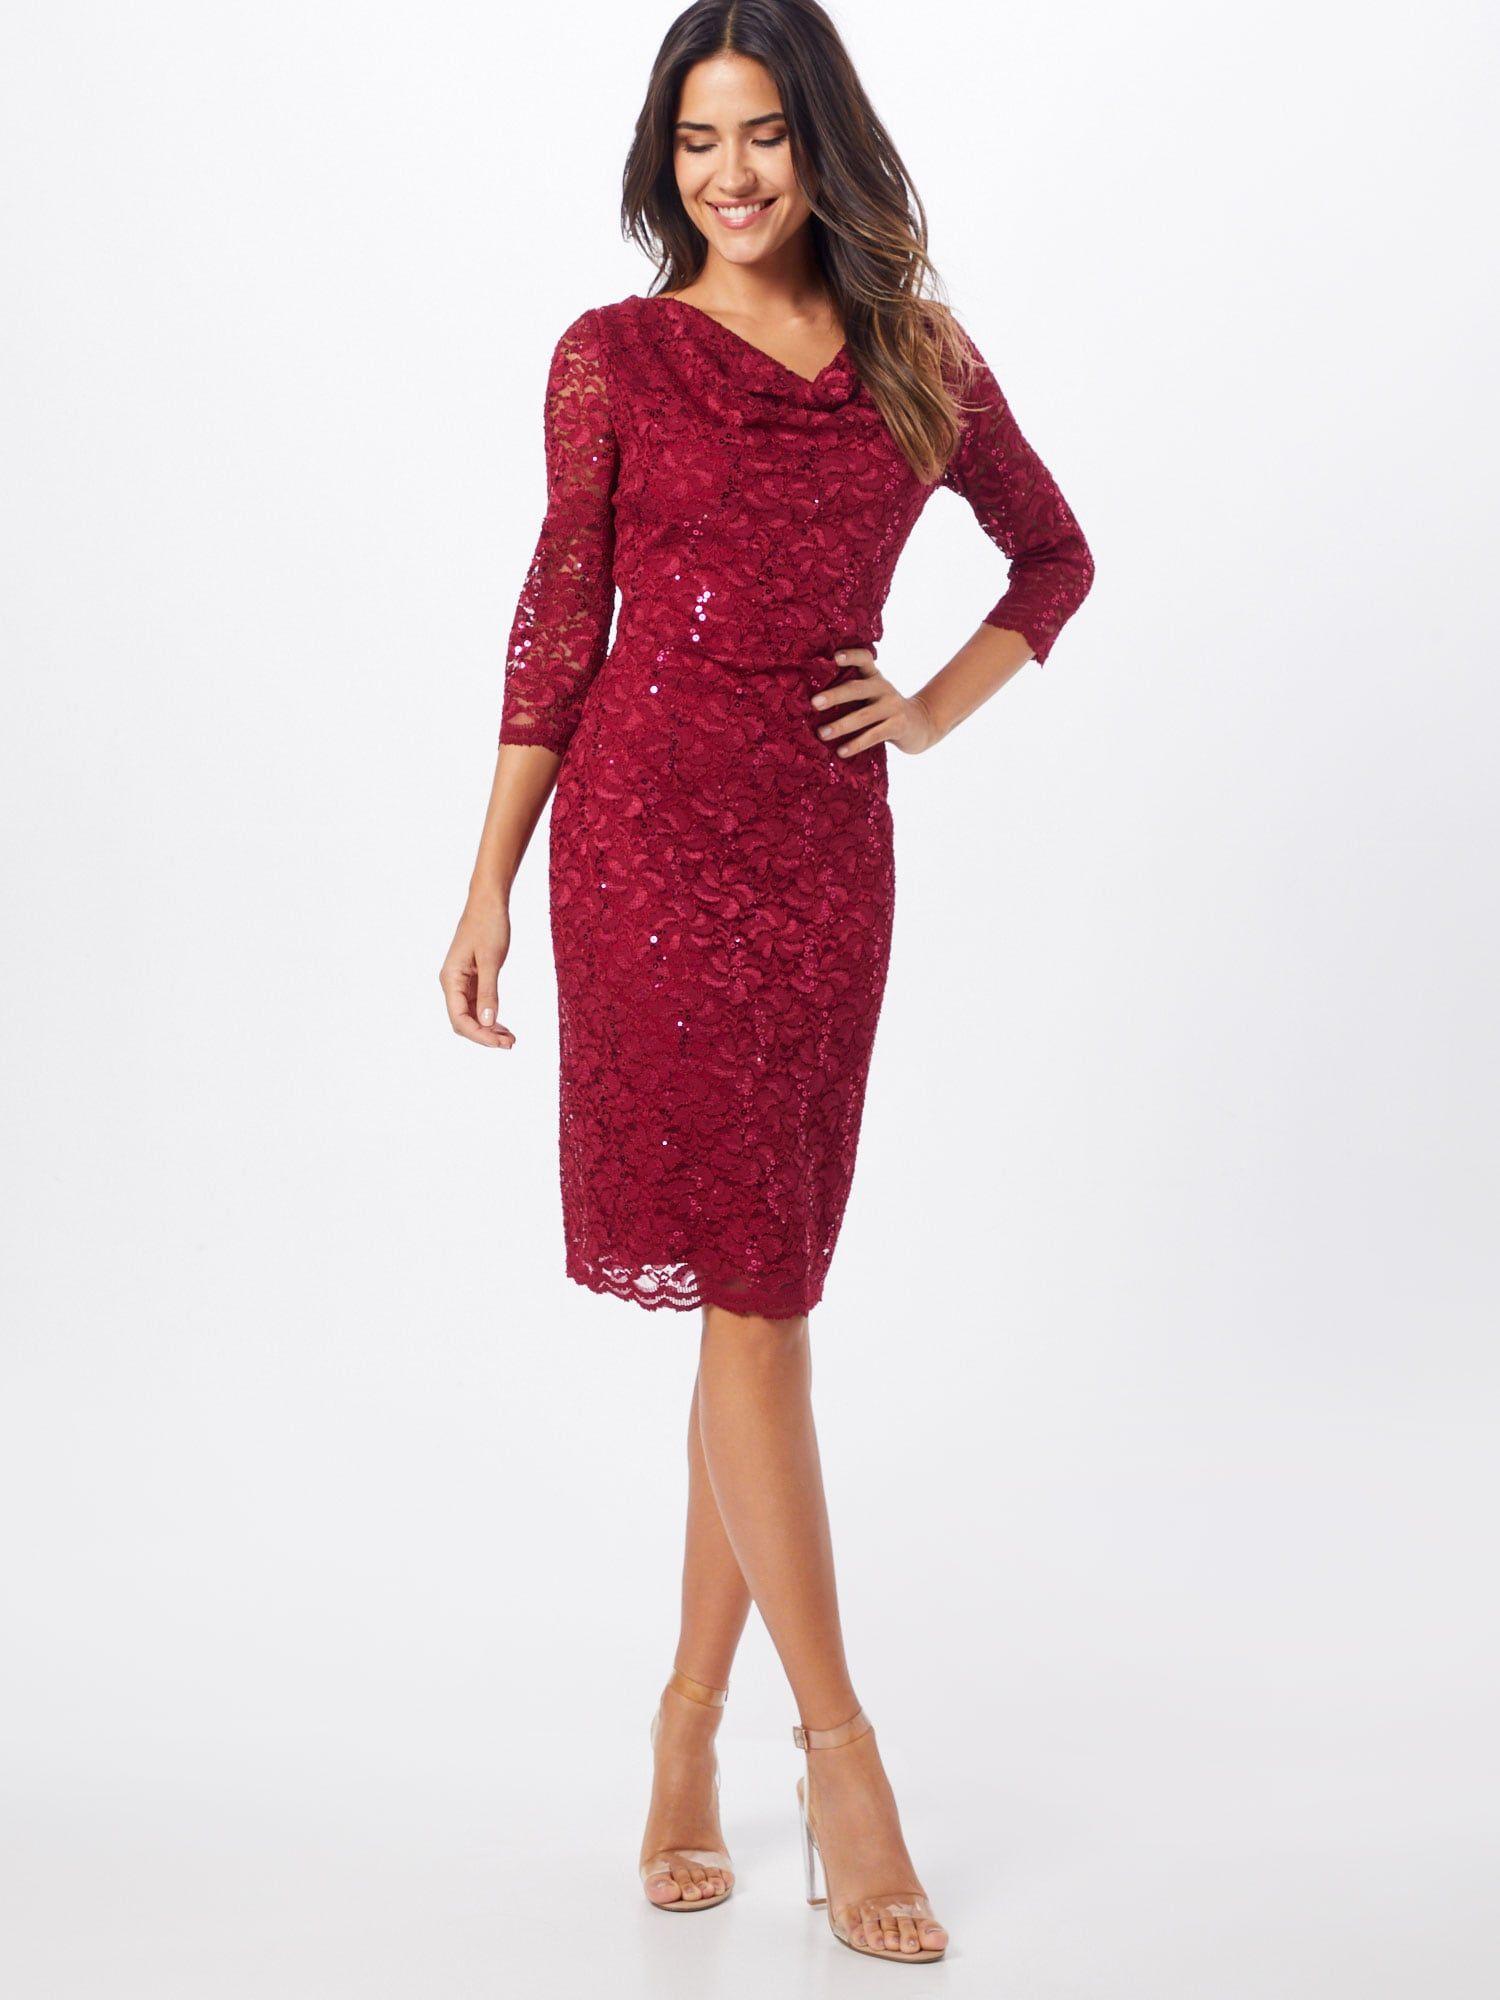 Vera Mont Kleid Damen, Rot, Größe 15  Kleider, Vera mont und